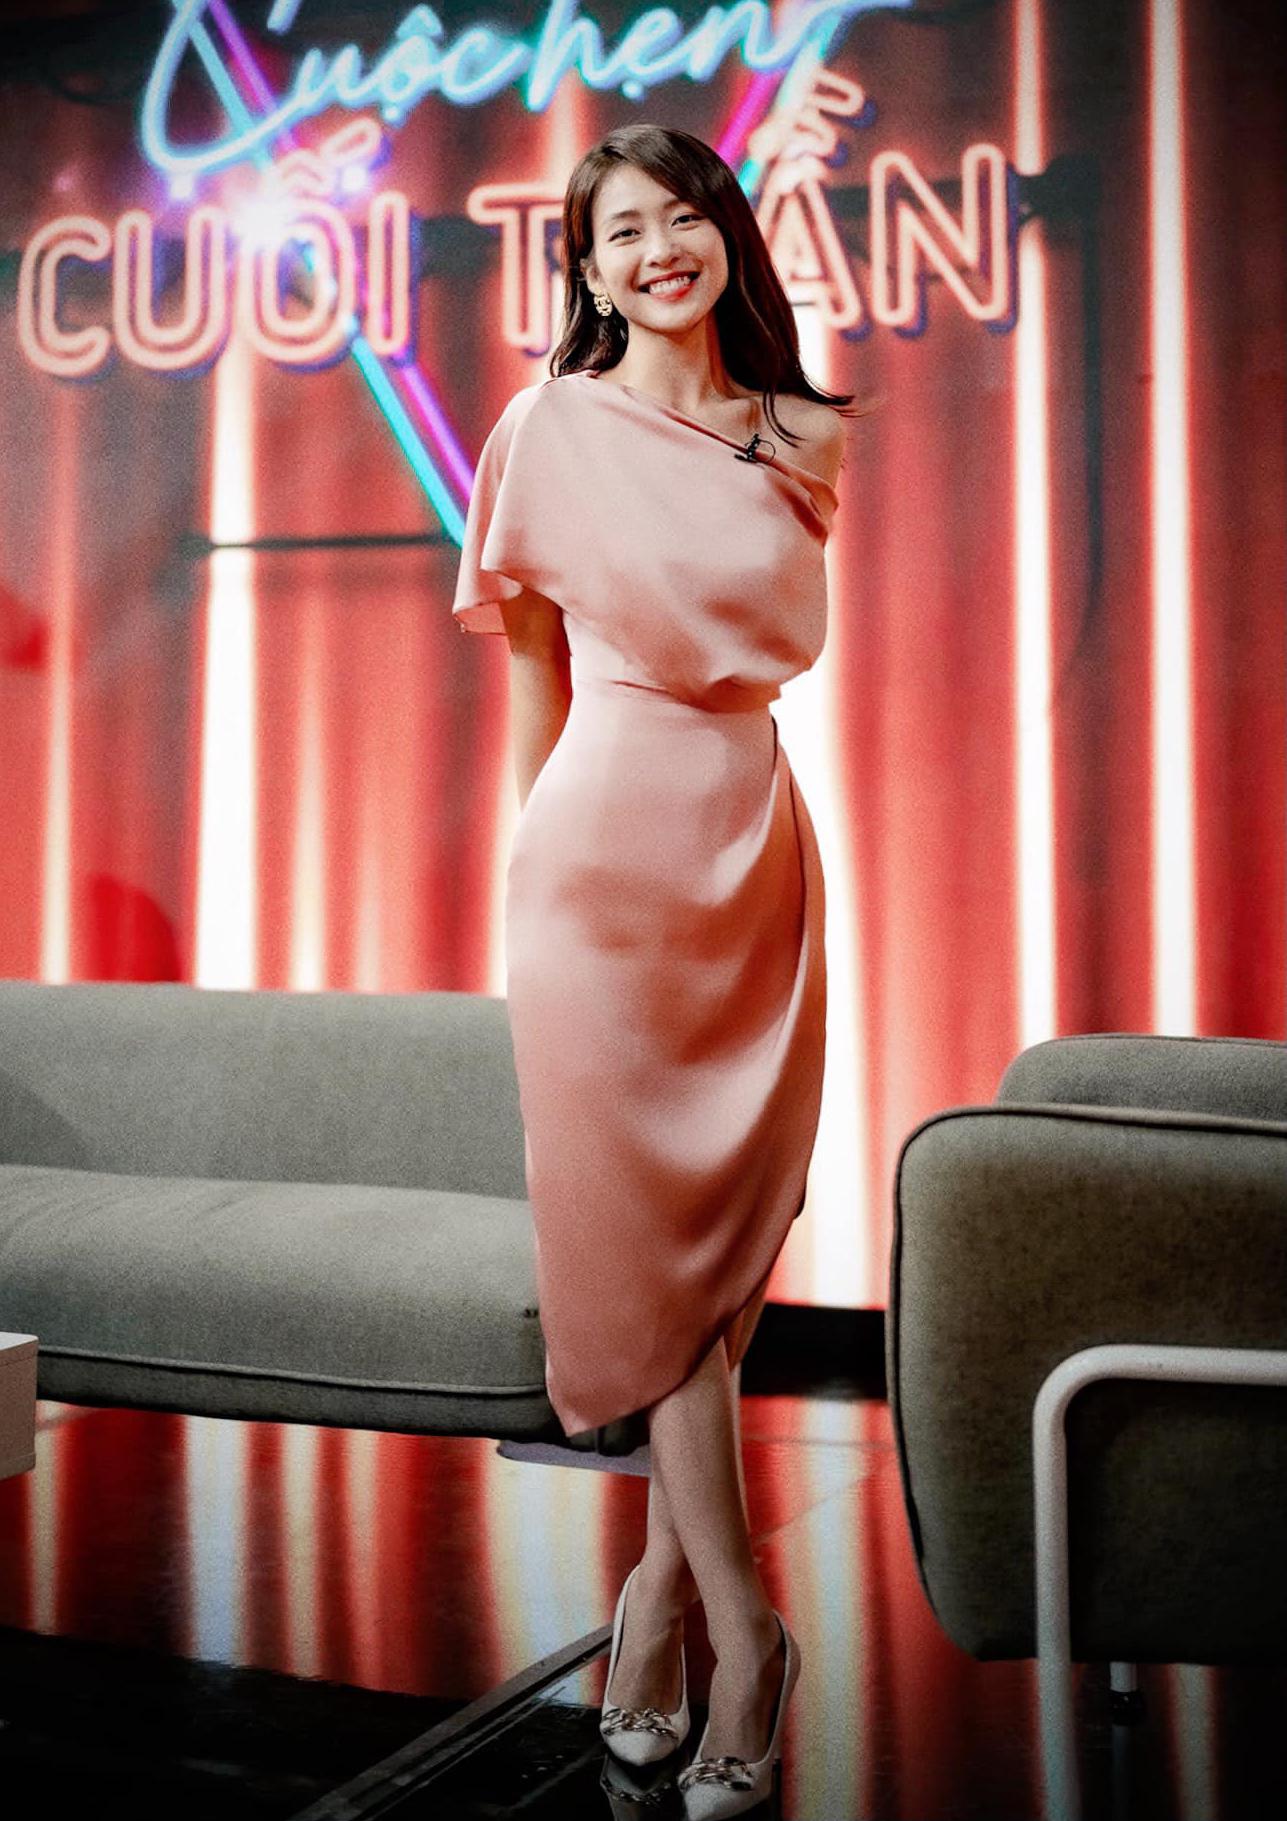 Xuất hiện trong chương trình giao lưu cuối tuần qua, Khả Ngân khoe mái tóc dài nữ tính. Diện mạo khiến không ít khán giả thấy lạ lẫm vì gần đây, cô thường xuất hiện cùng kiểu tóc ngắn ngang vai, theo tạo hình trong phim 11 tháng 5 ngày.